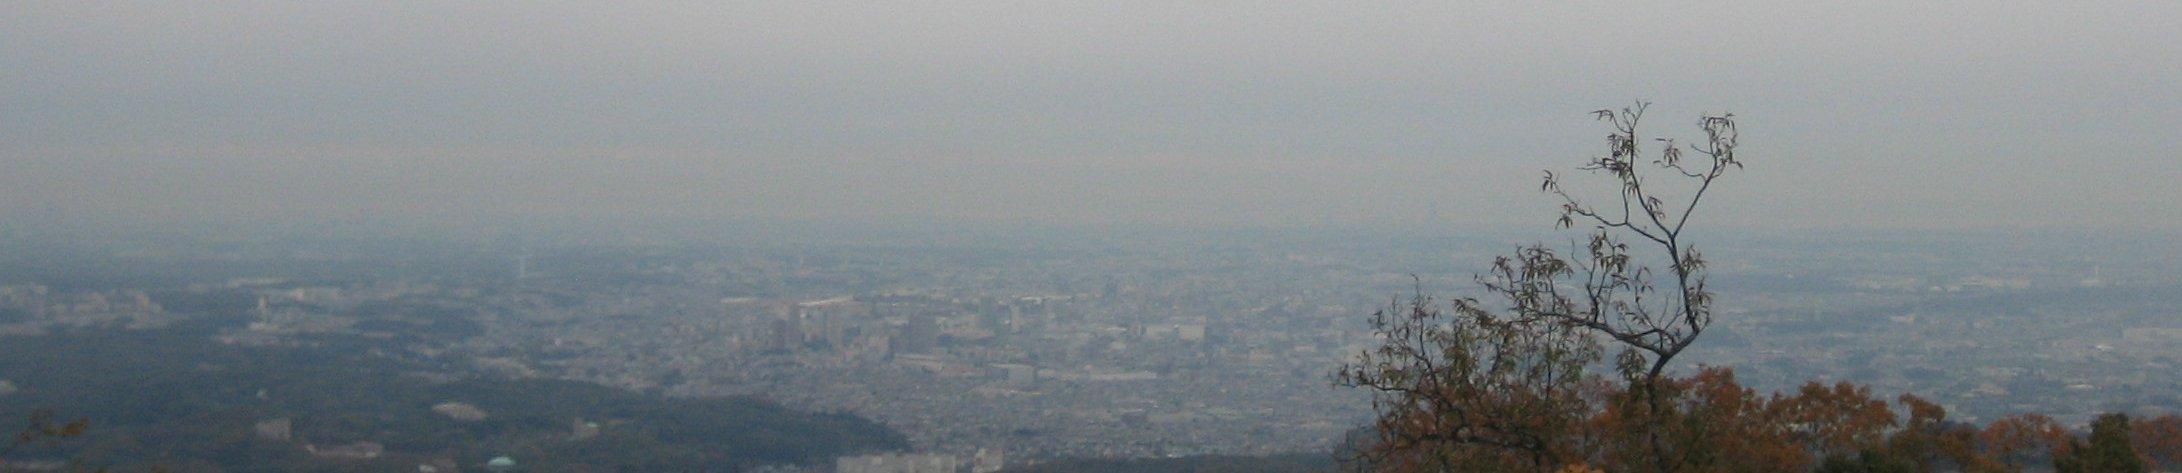 高尾山 banner image